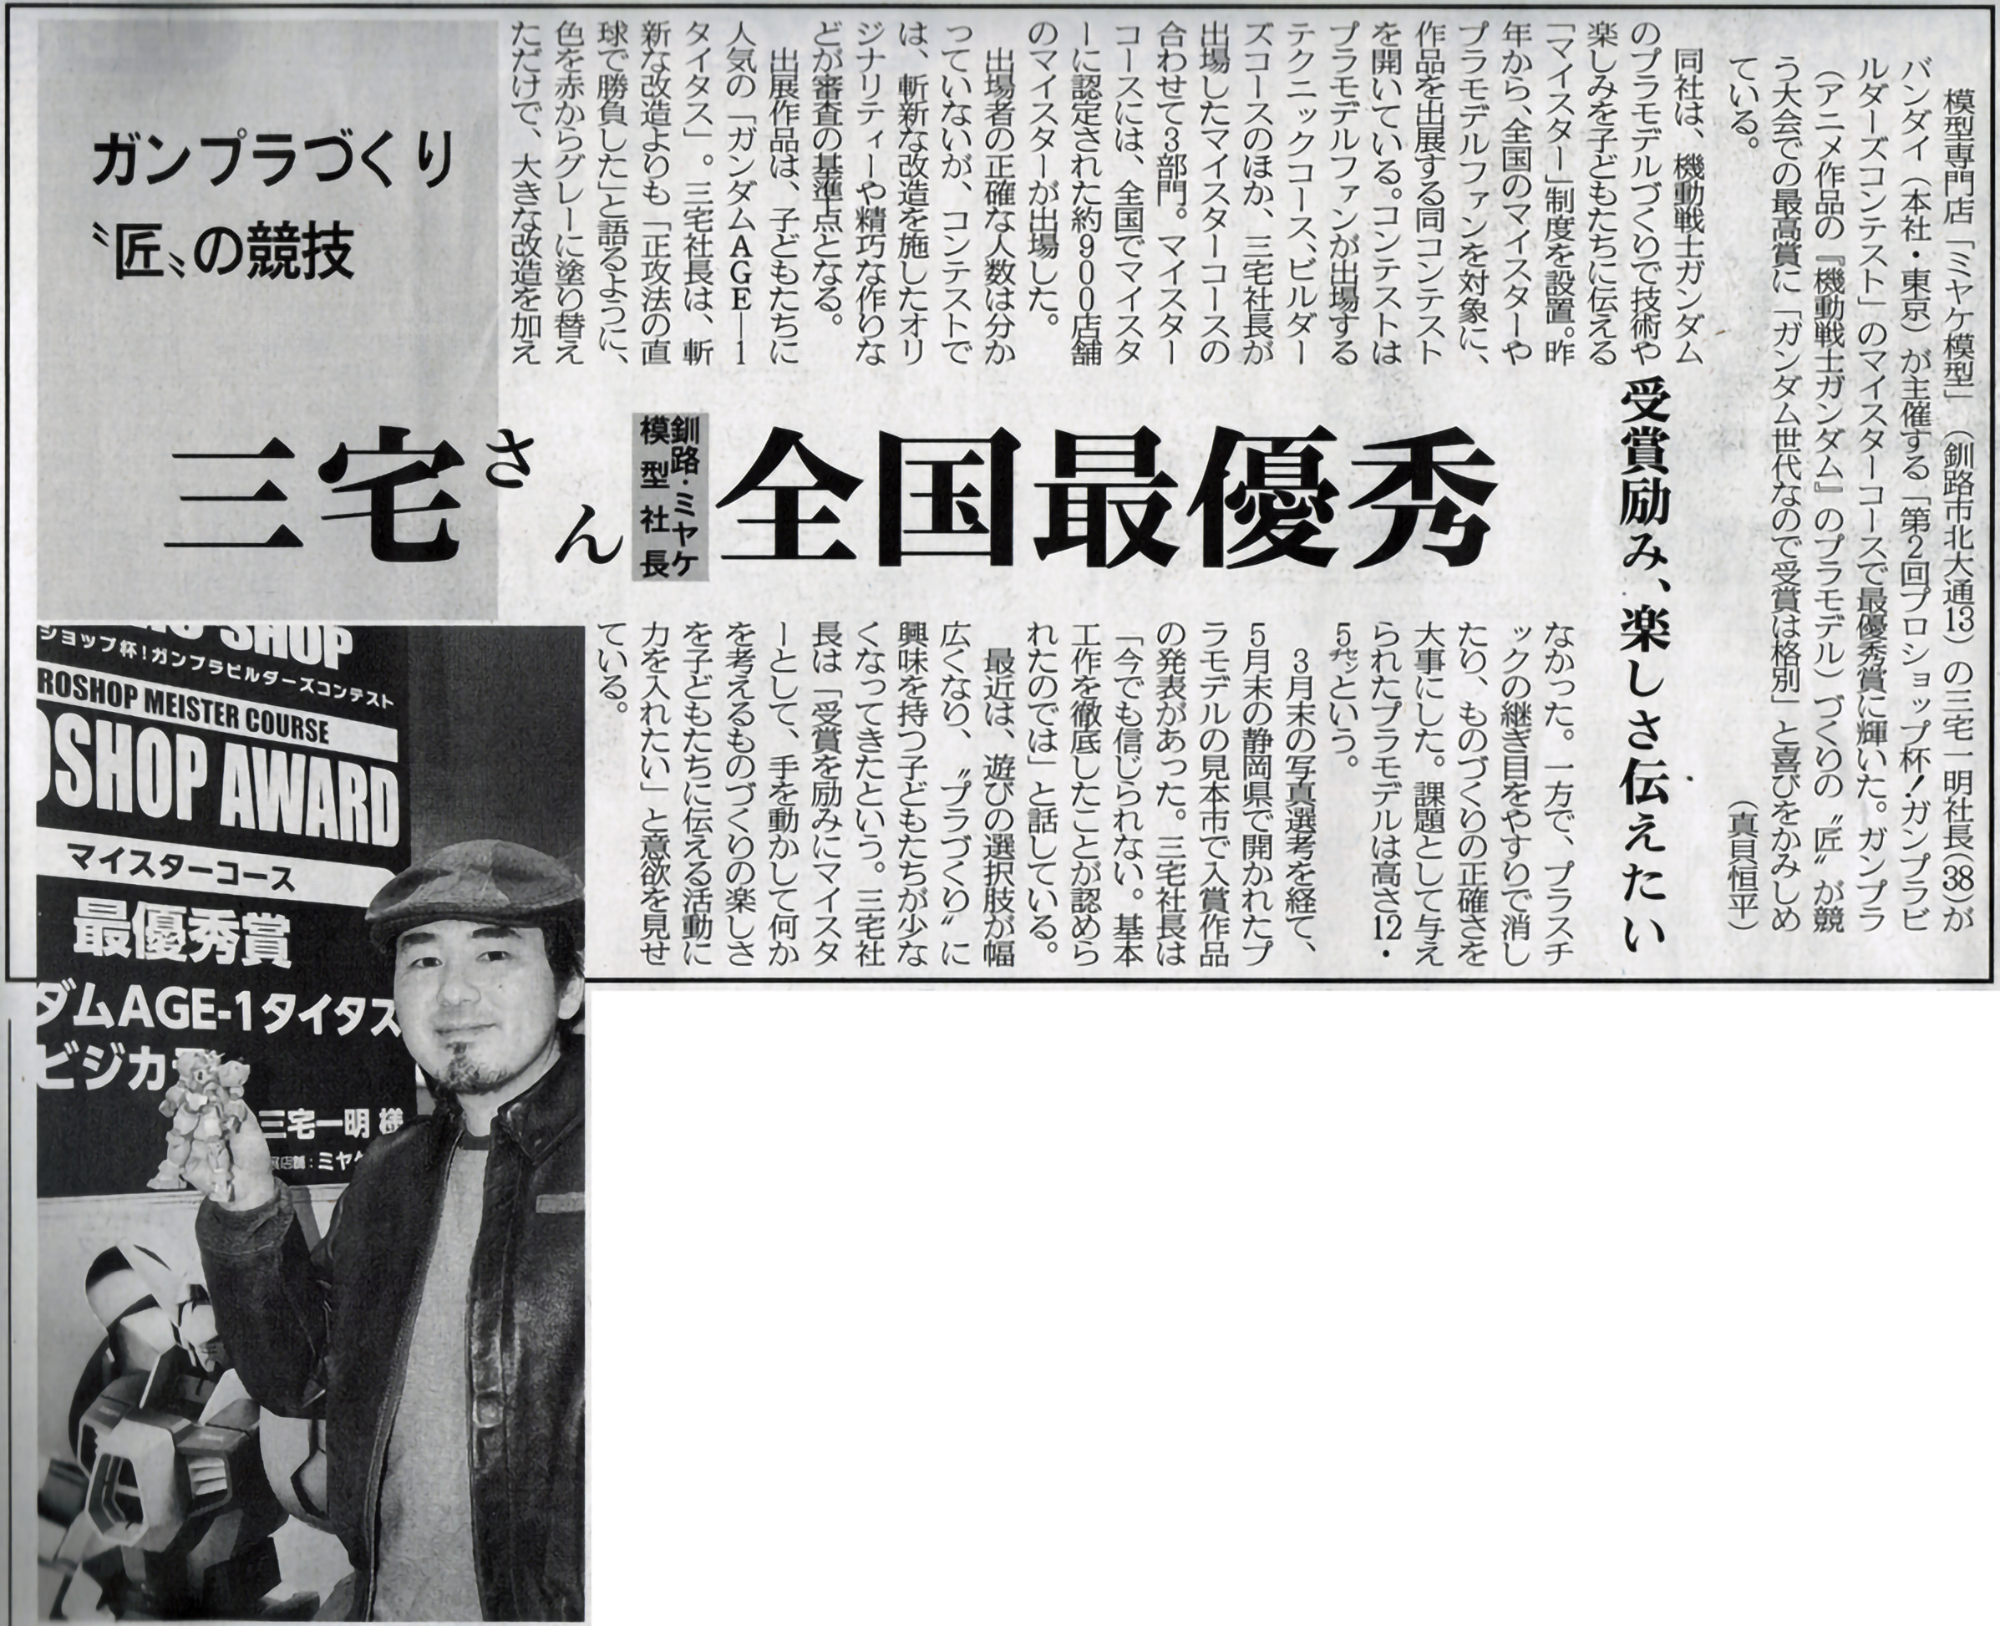 2012-6-5釧路新聞